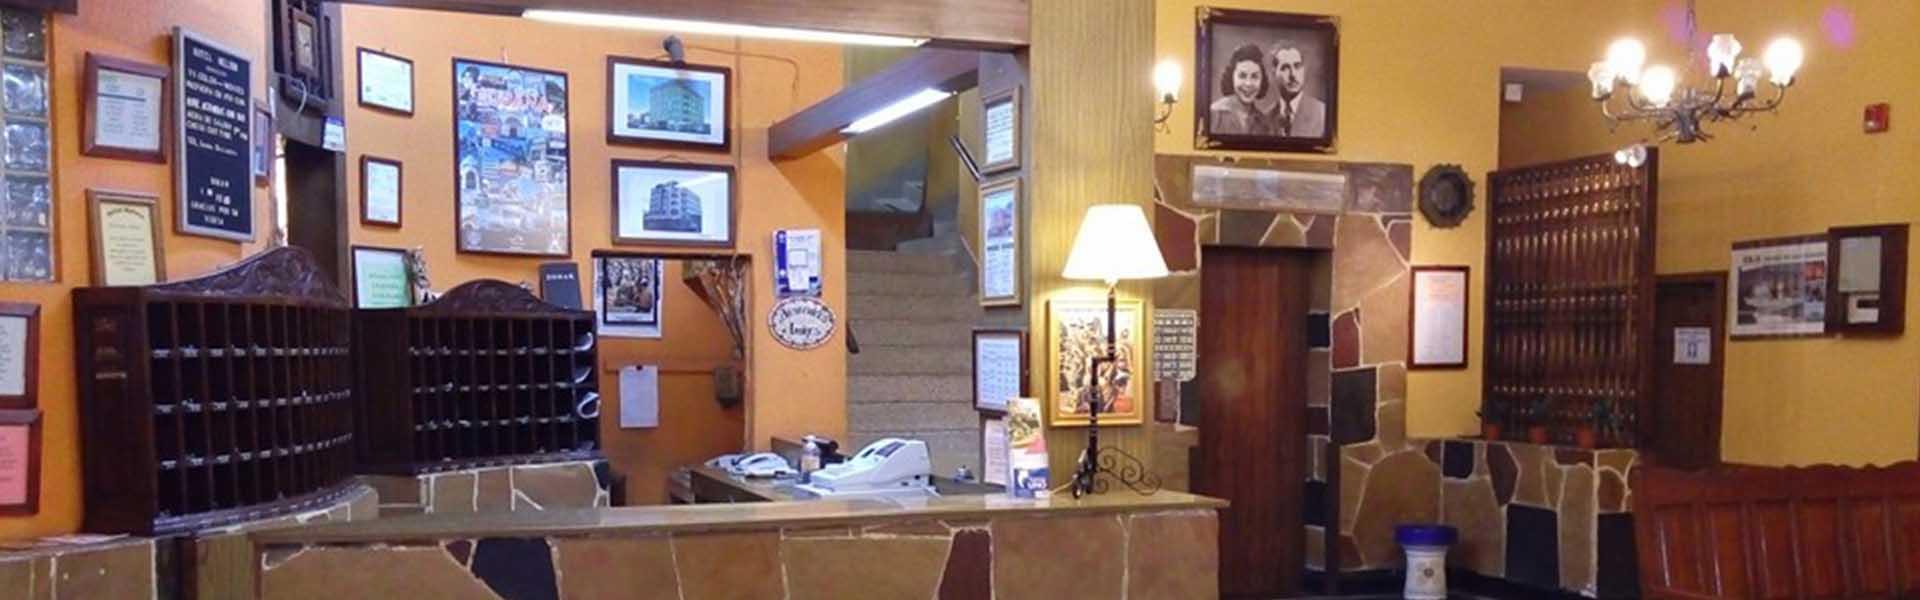 hotel-nelson-tijuana